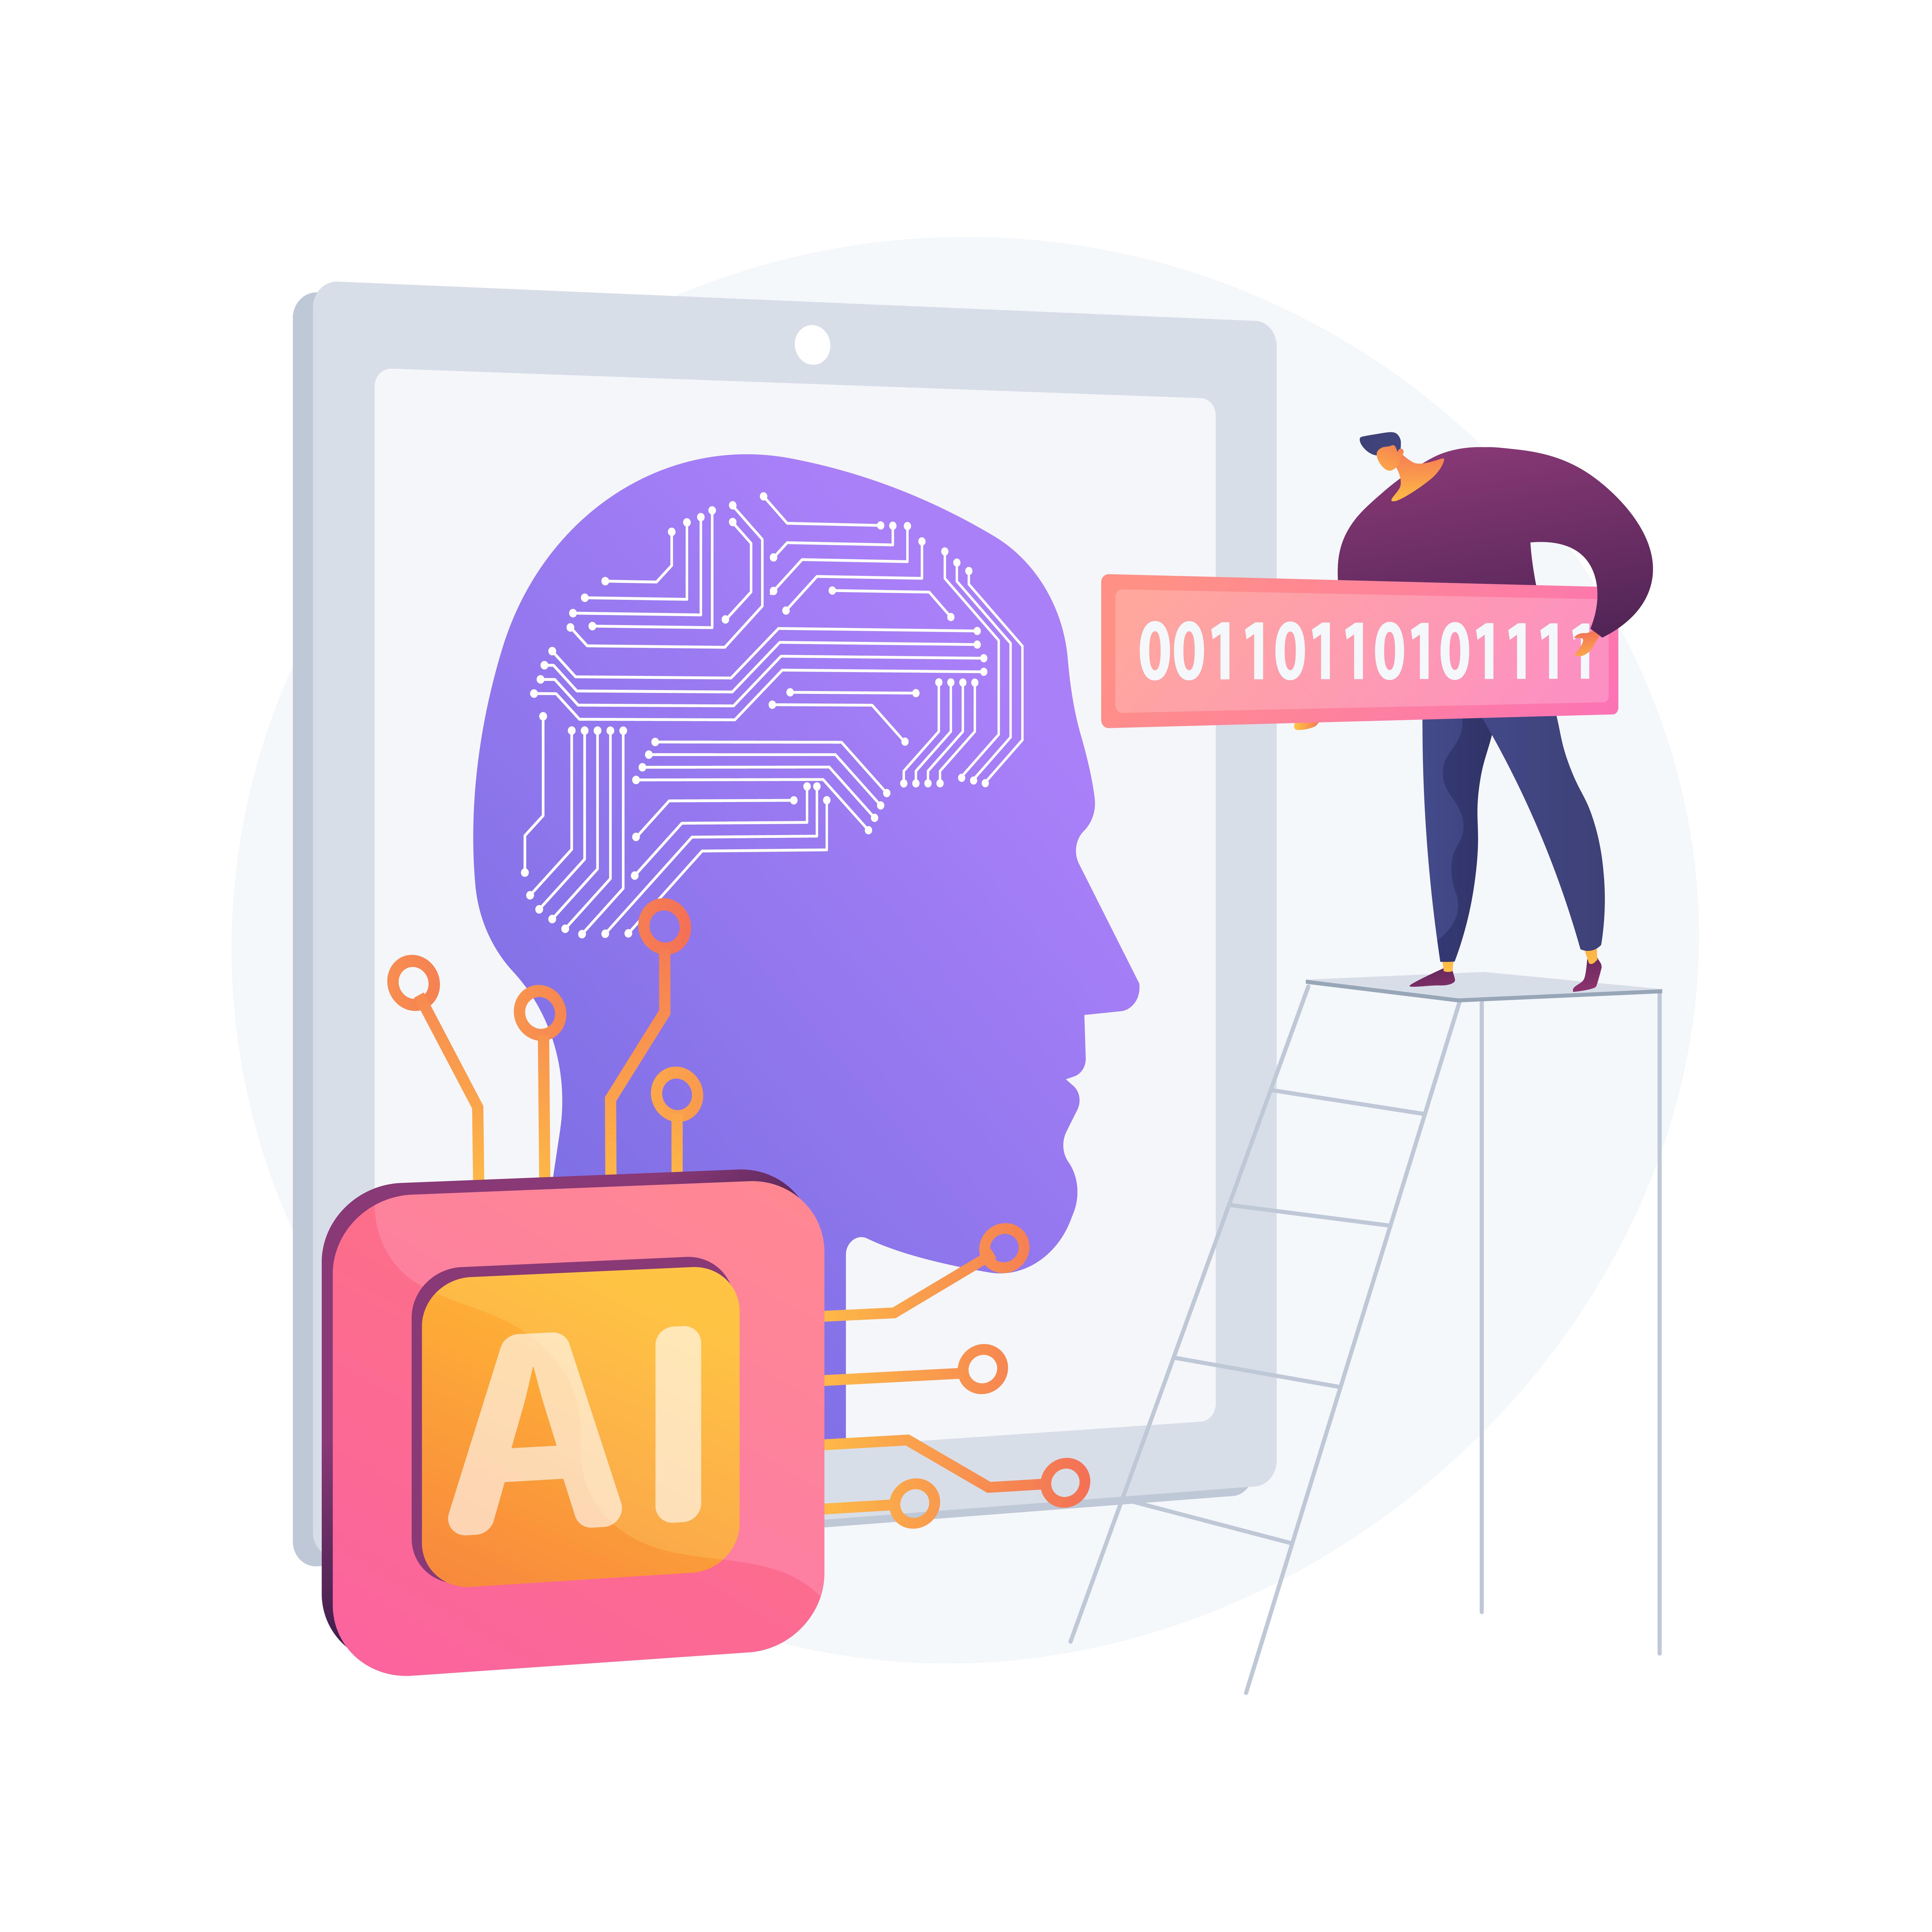 AI FOUNDATIONS - THE AI EXPLORER